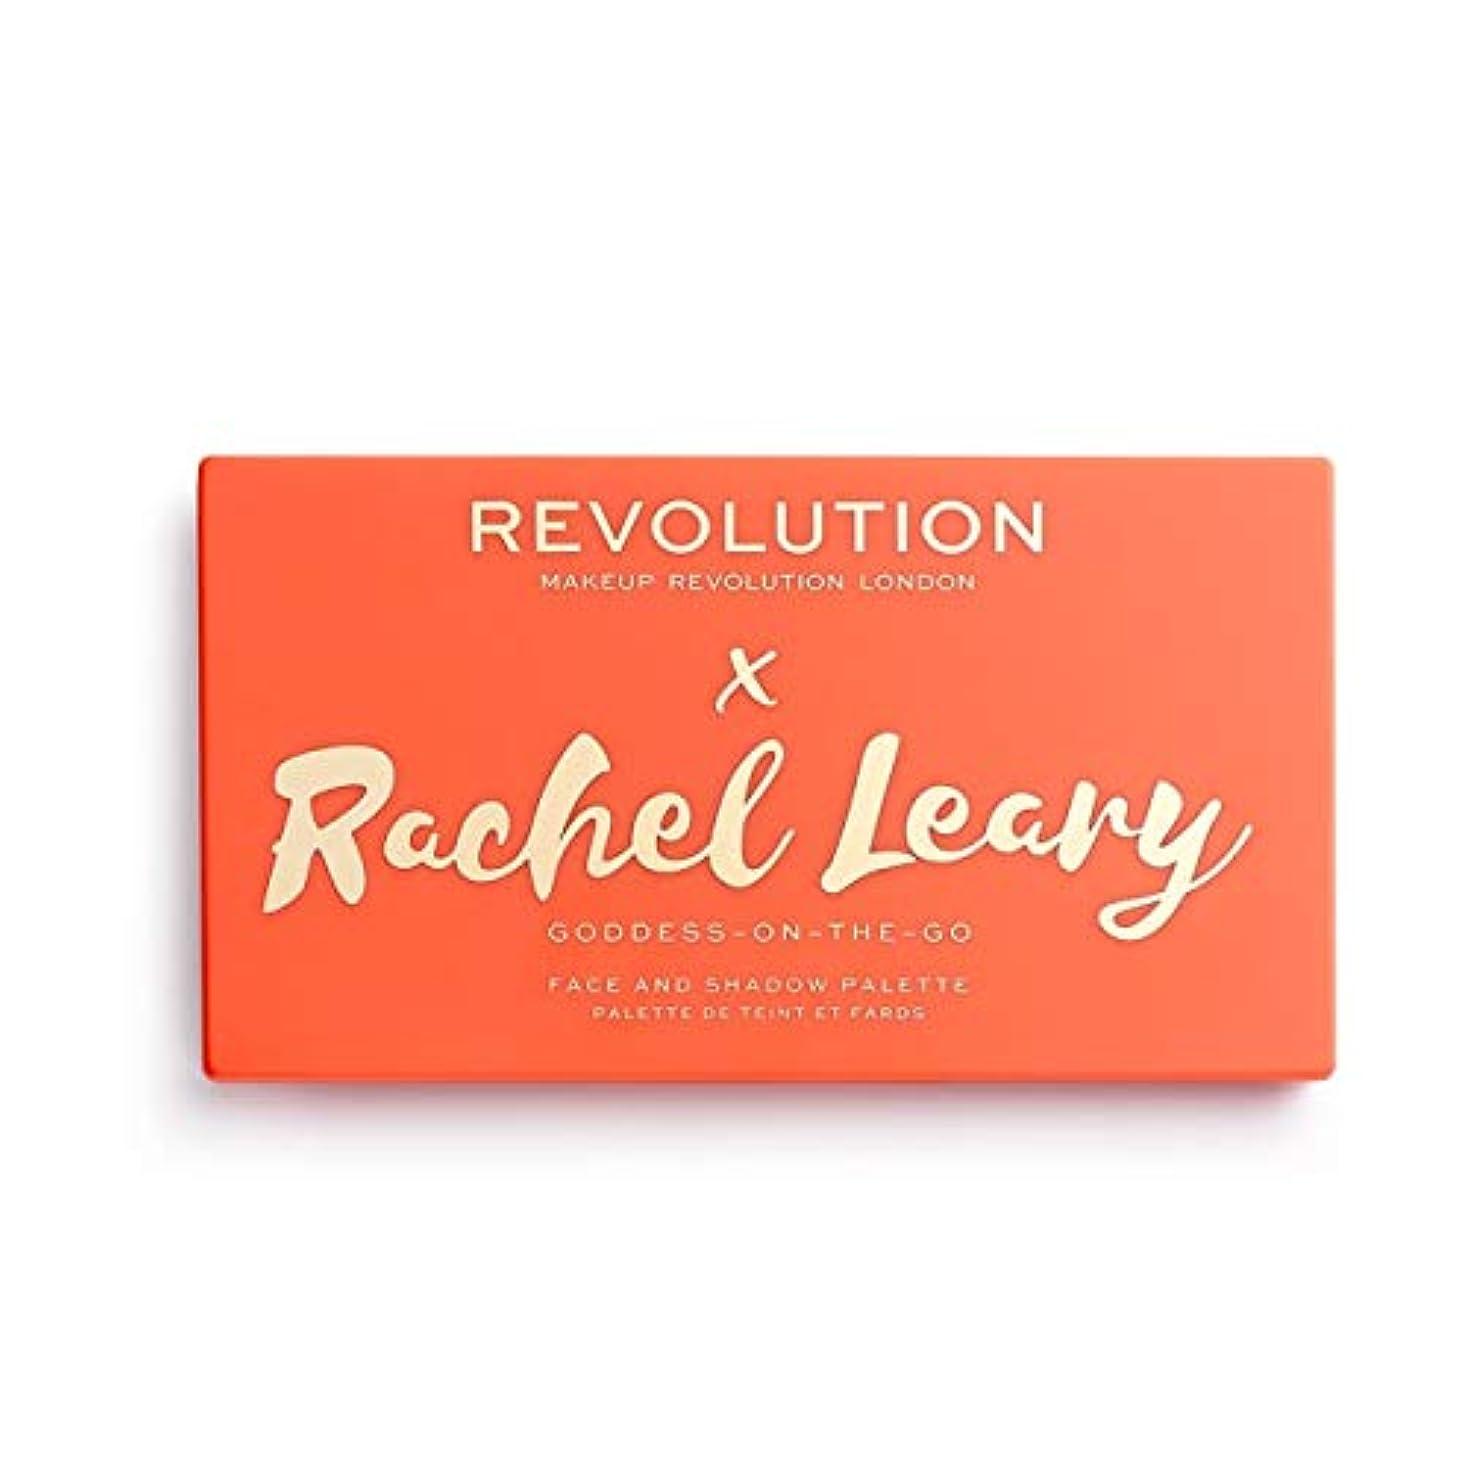 海洋の裁定略すメイクアップレボリューション ORIGINAL Revolution x Rachel Leary Goddess On The Go Palette 13色アイシャドウパレット REVOLUTION